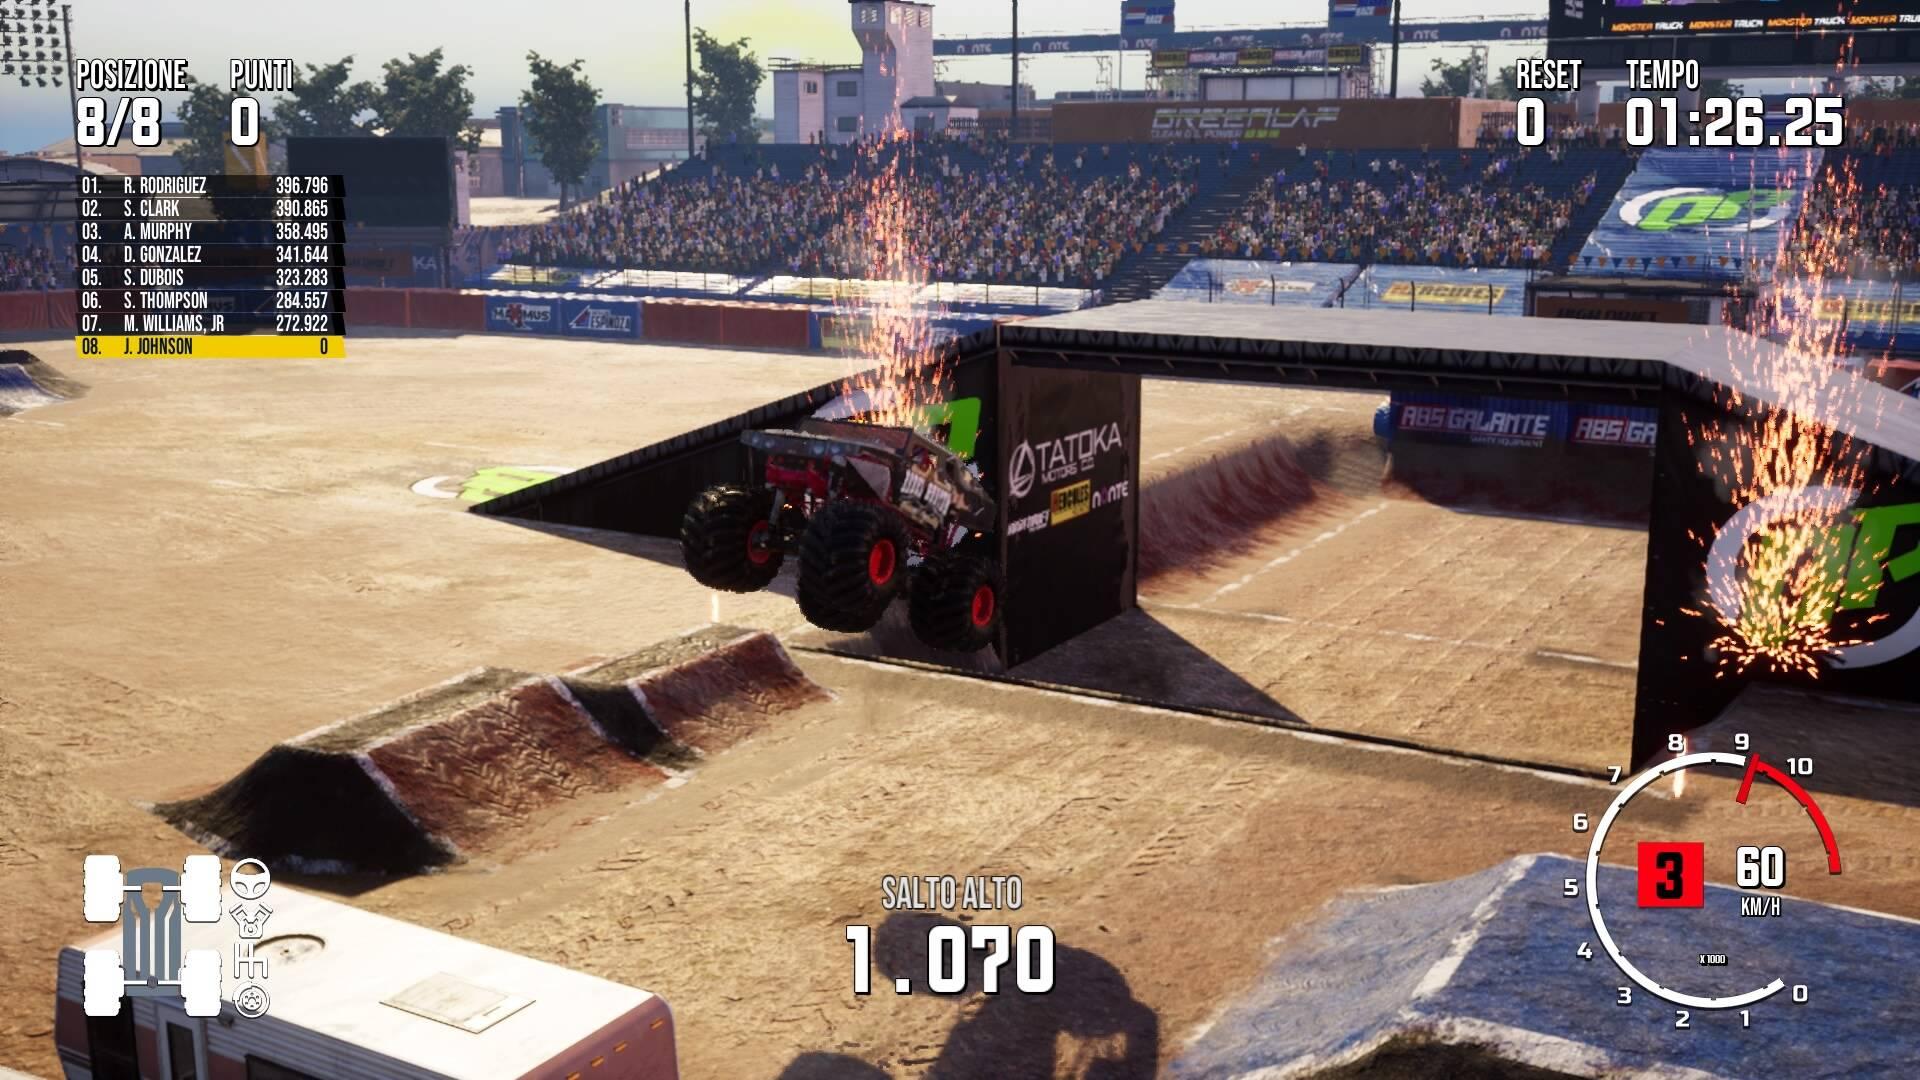 Campeonato de Monster Truck